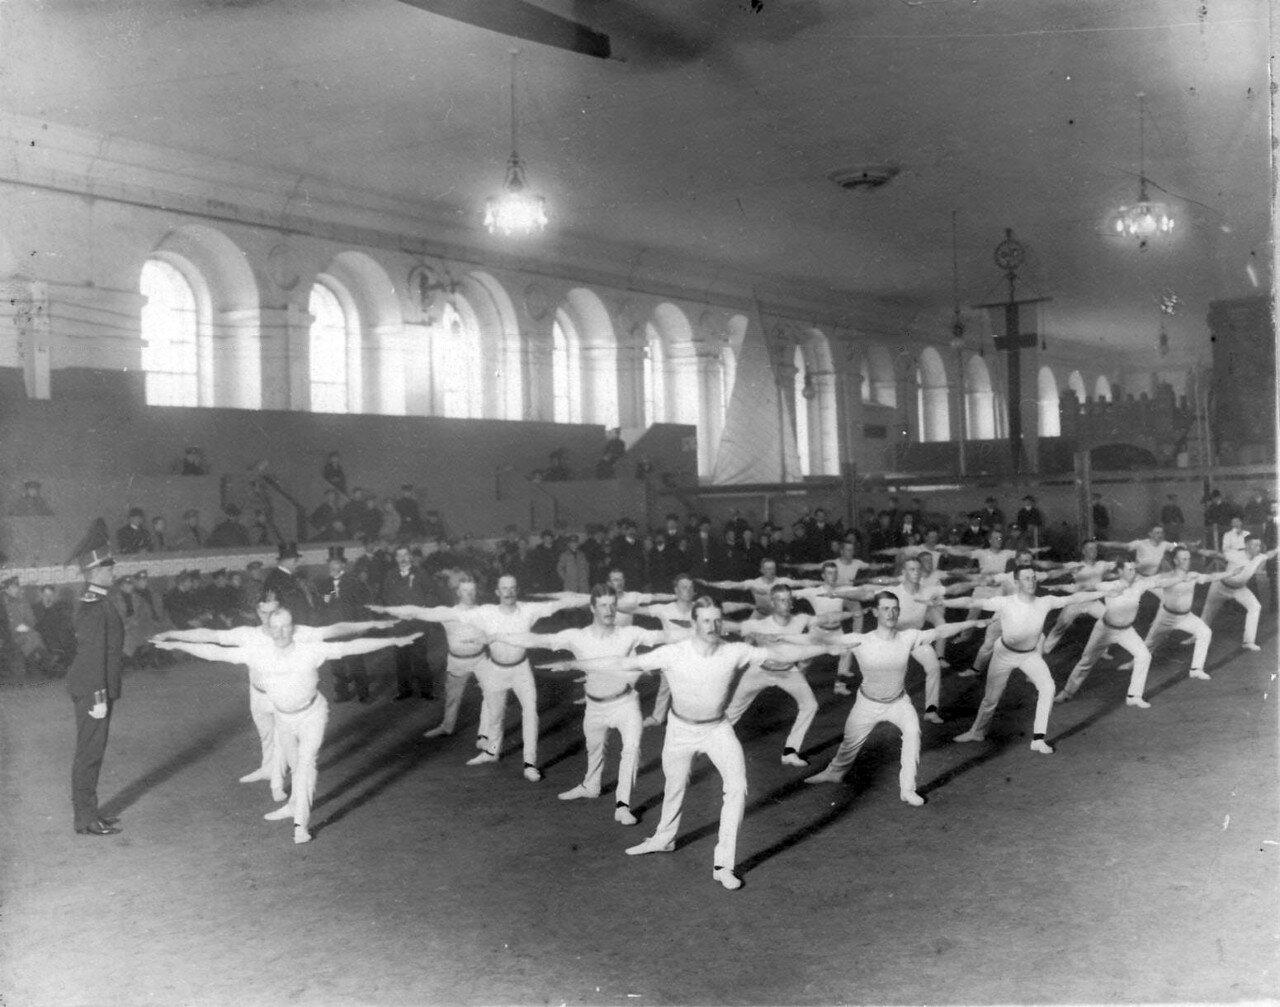 33. Демонстрация гимнастических упражнений шведскими офицерами-гимнастами